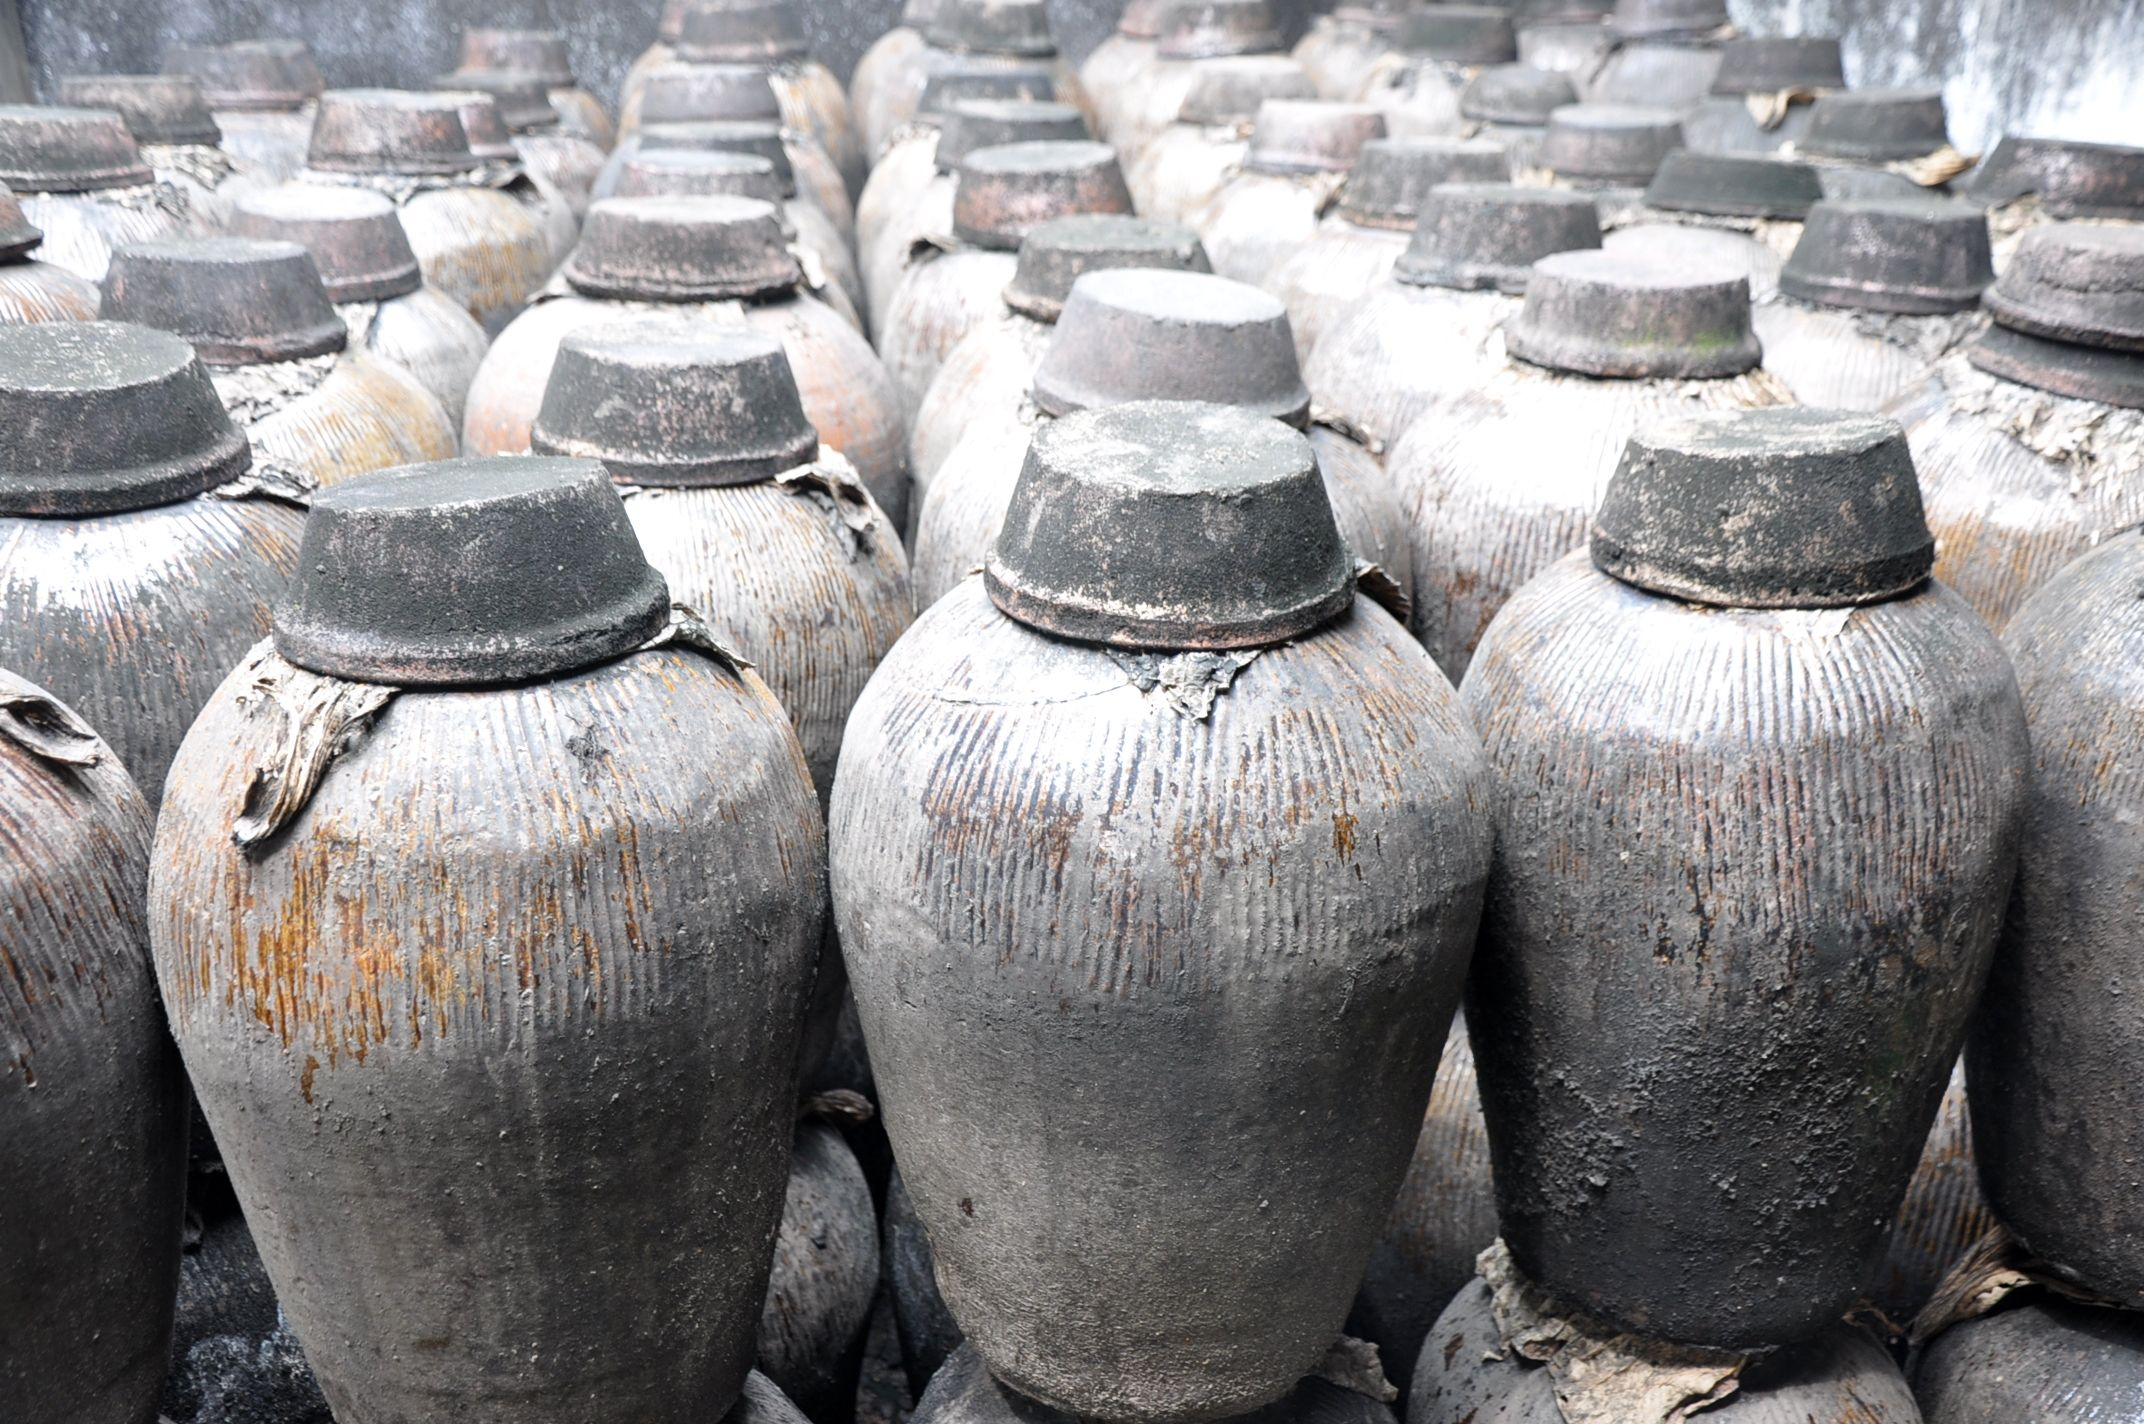 11_6_China Wine